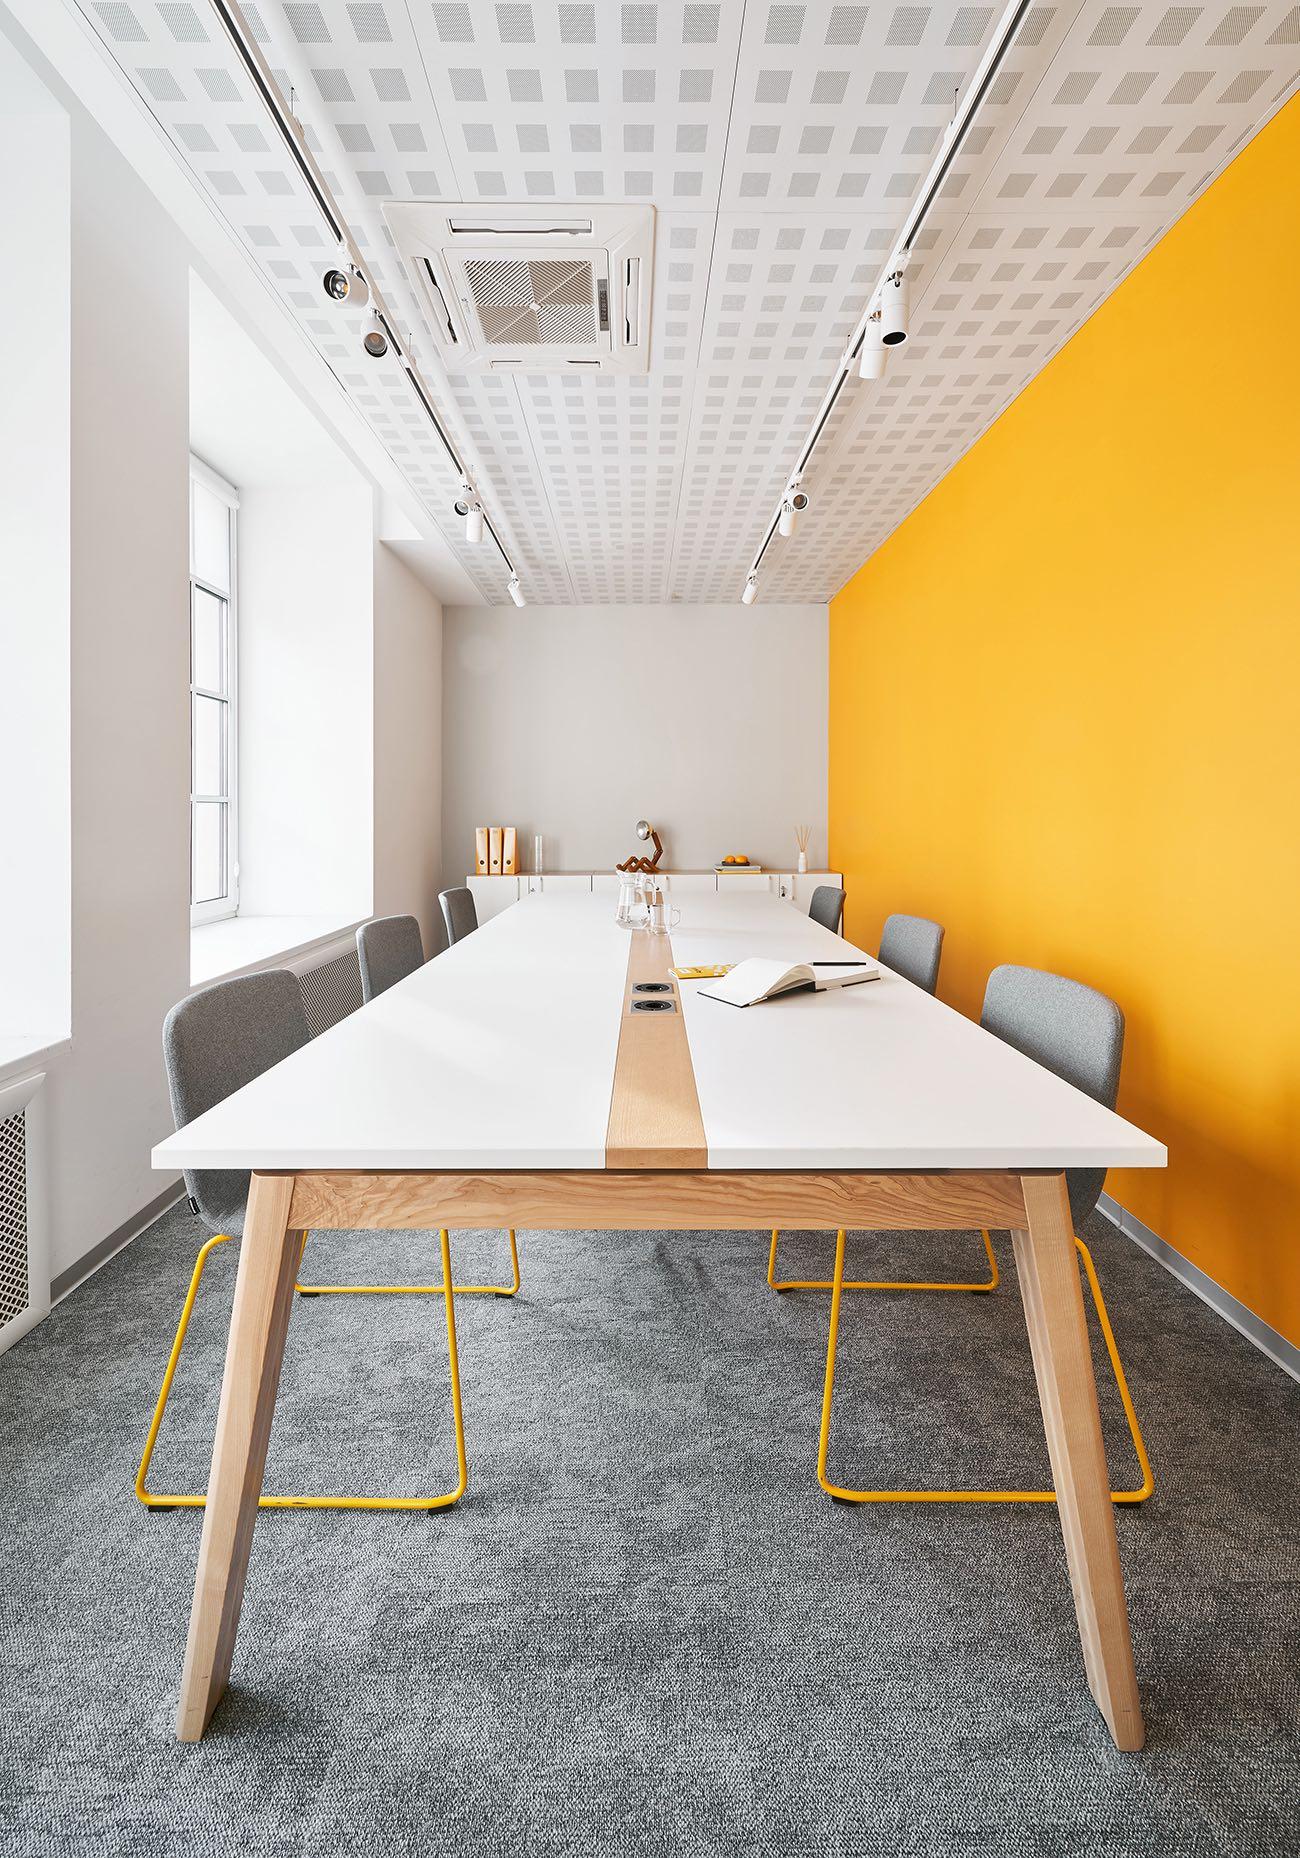 A Tour Of Kassir's Modern Saint Petersburg Office